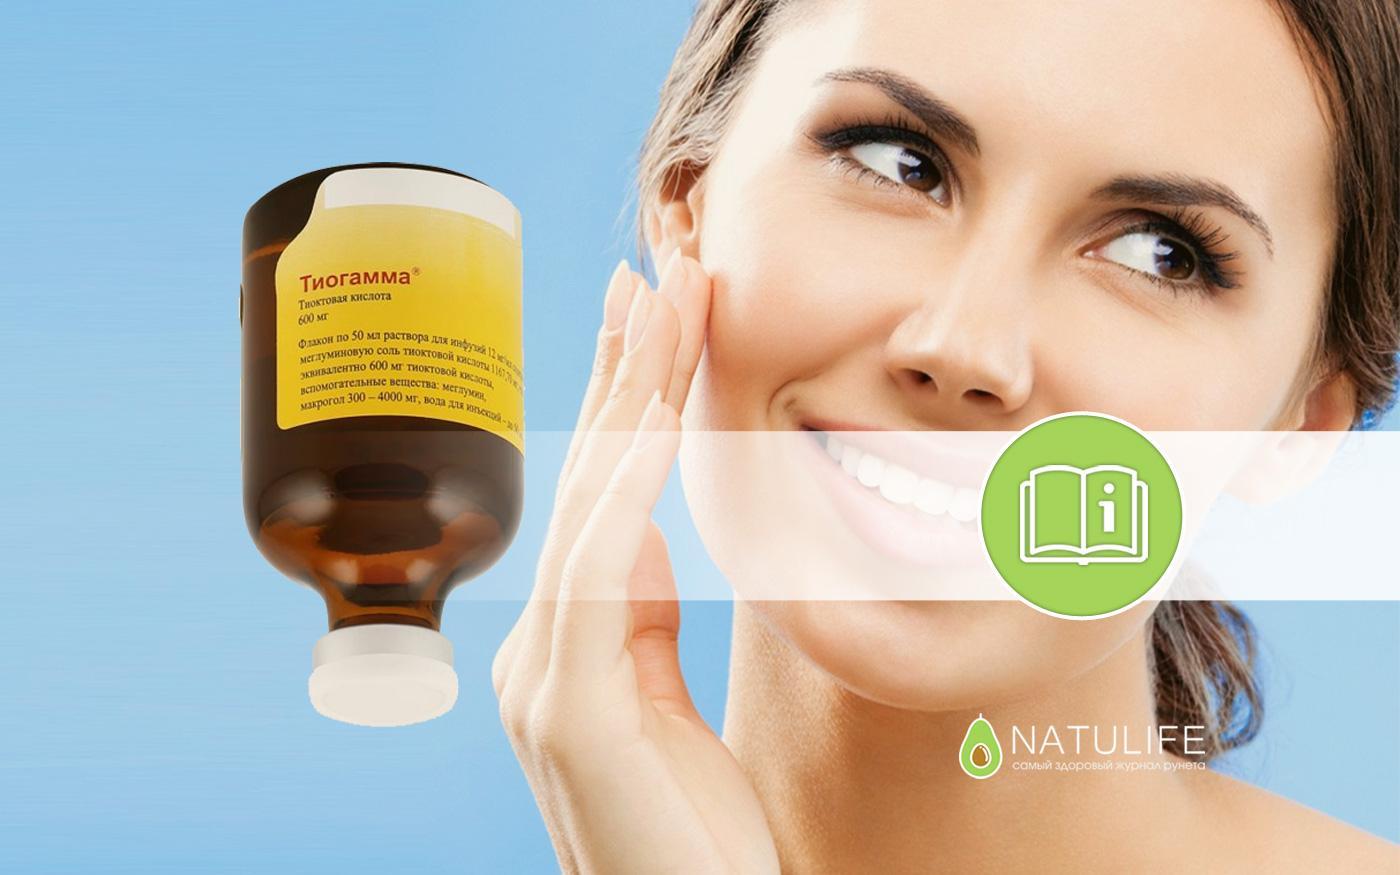 В 13 (оротовая кислота) влияние на организм, использование в косметологии